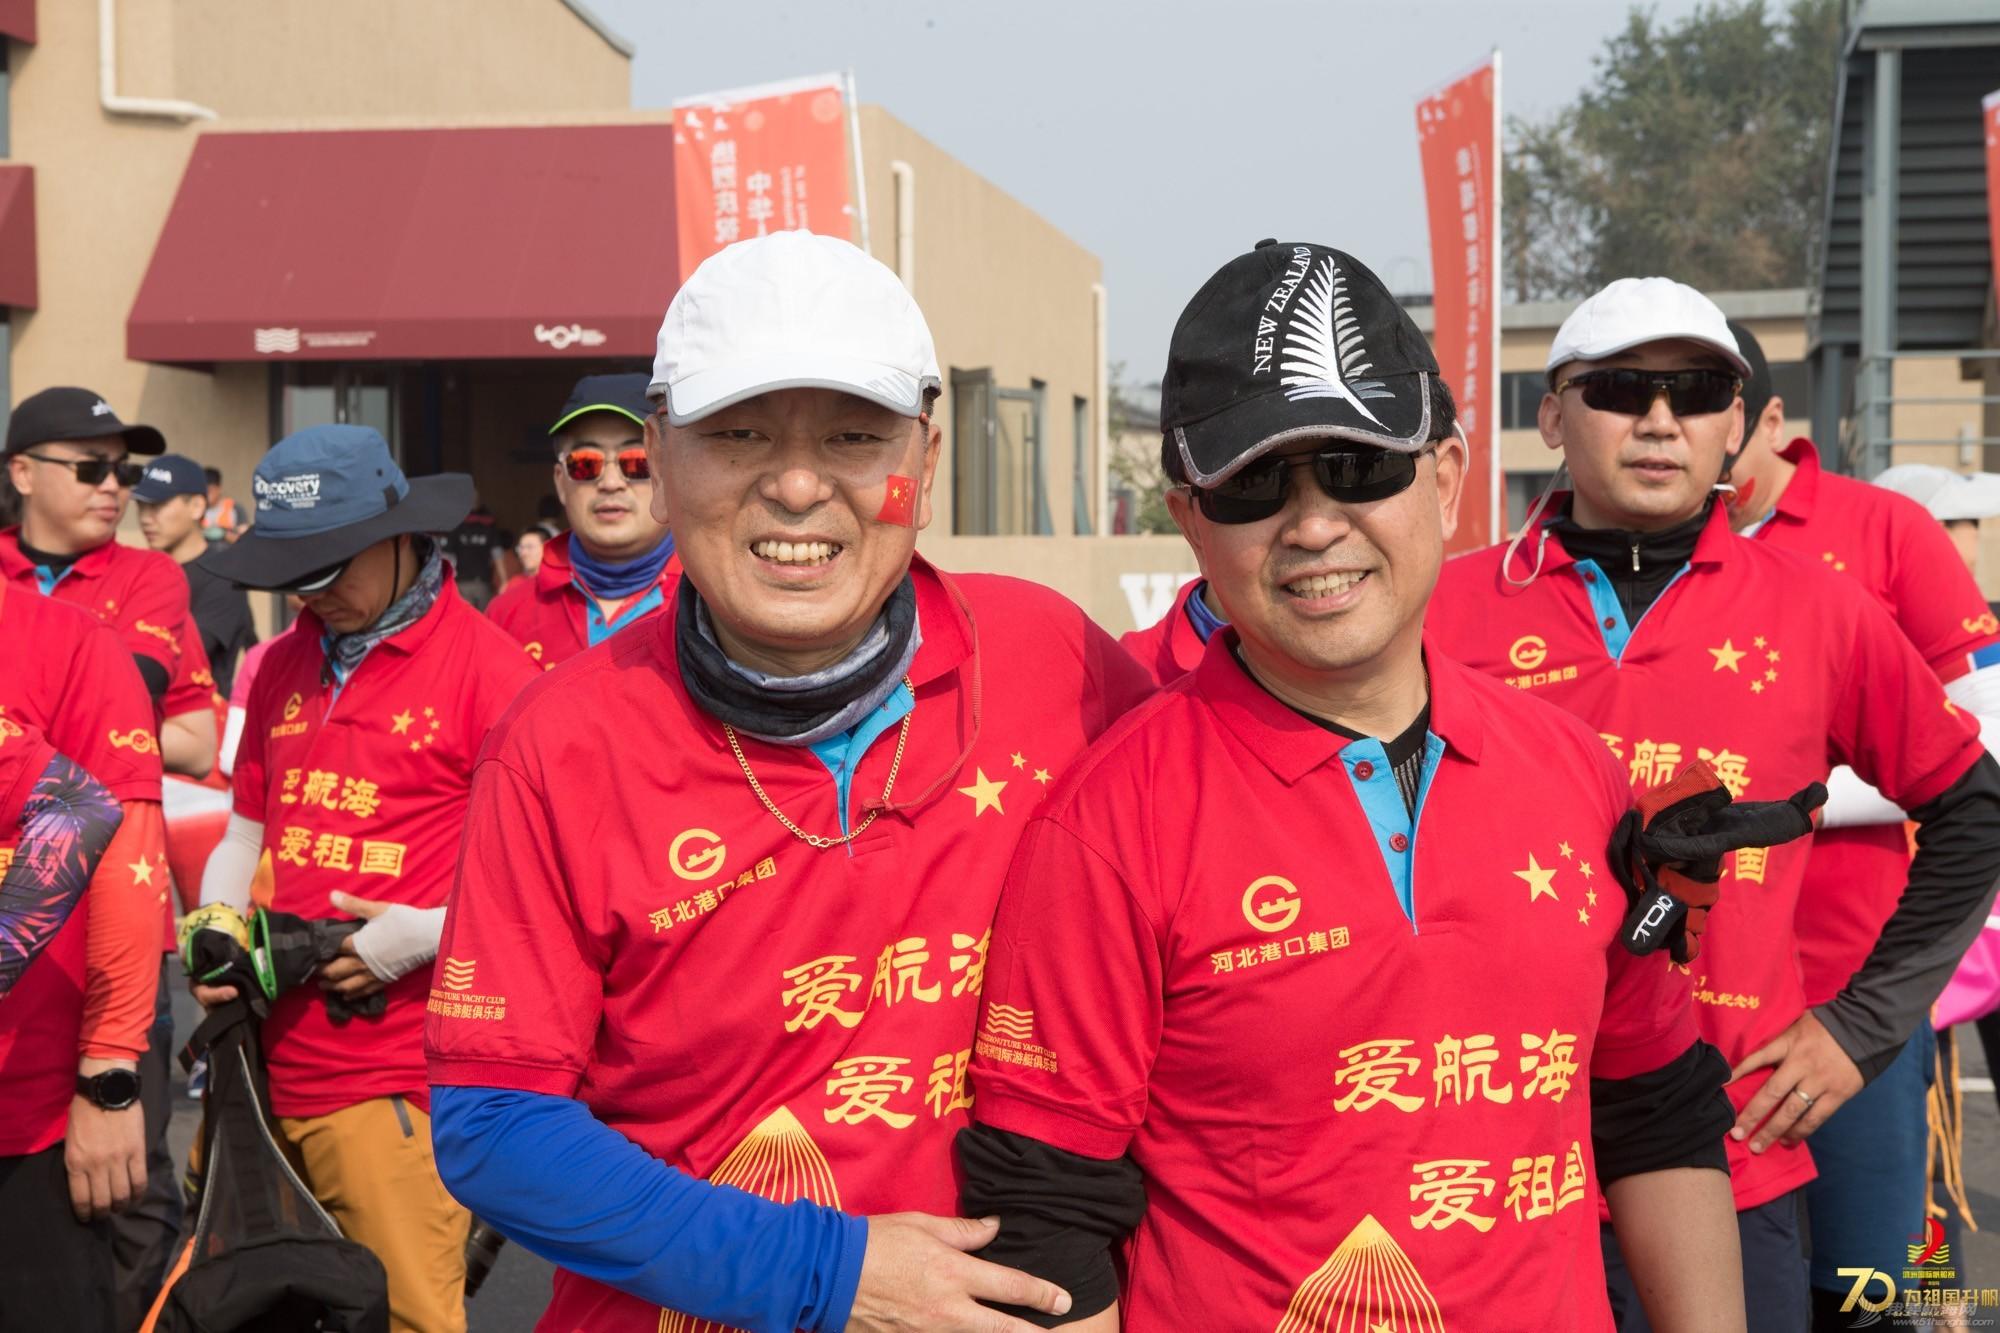 帆船,国旗,我与,图片,祖国 为祖国升帆-水上人喜迎新中国70华诞西港杯鸿洲帆船赛图片贴-我与国旗1  164624wrx2sxan9sem2wx8